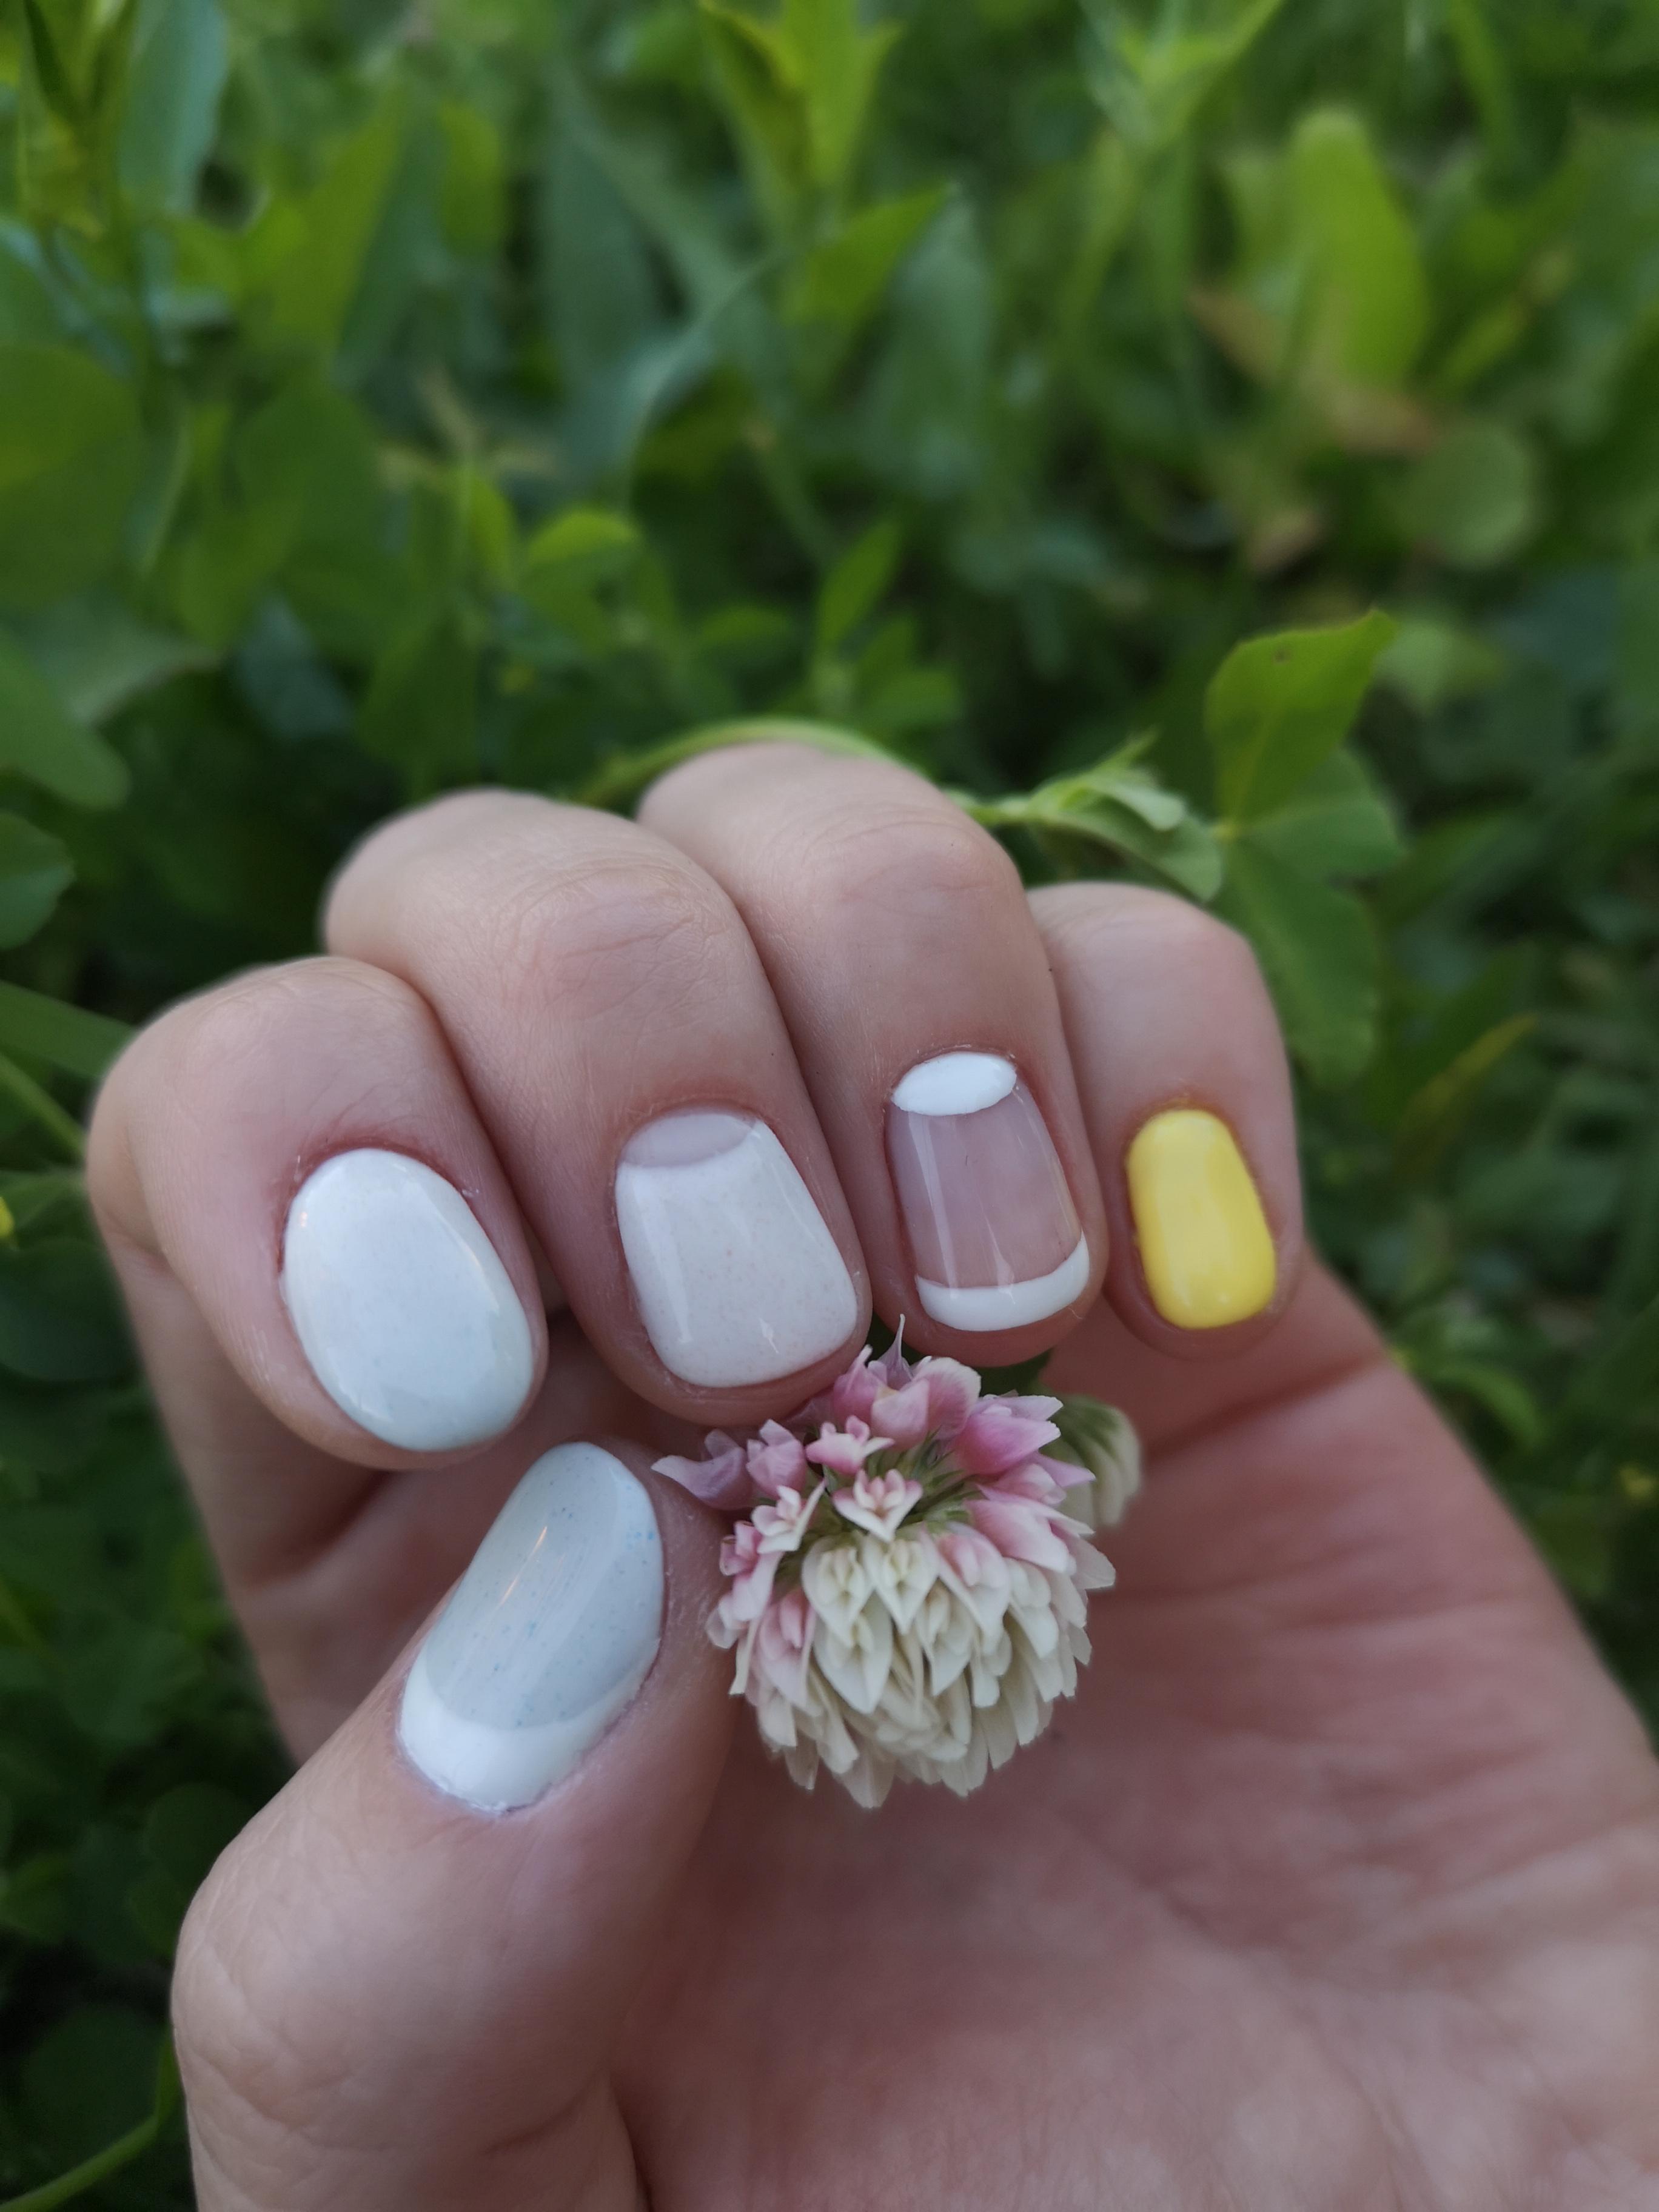 Маникюр с лунным дизайном в белом цвете на короткие ногти.